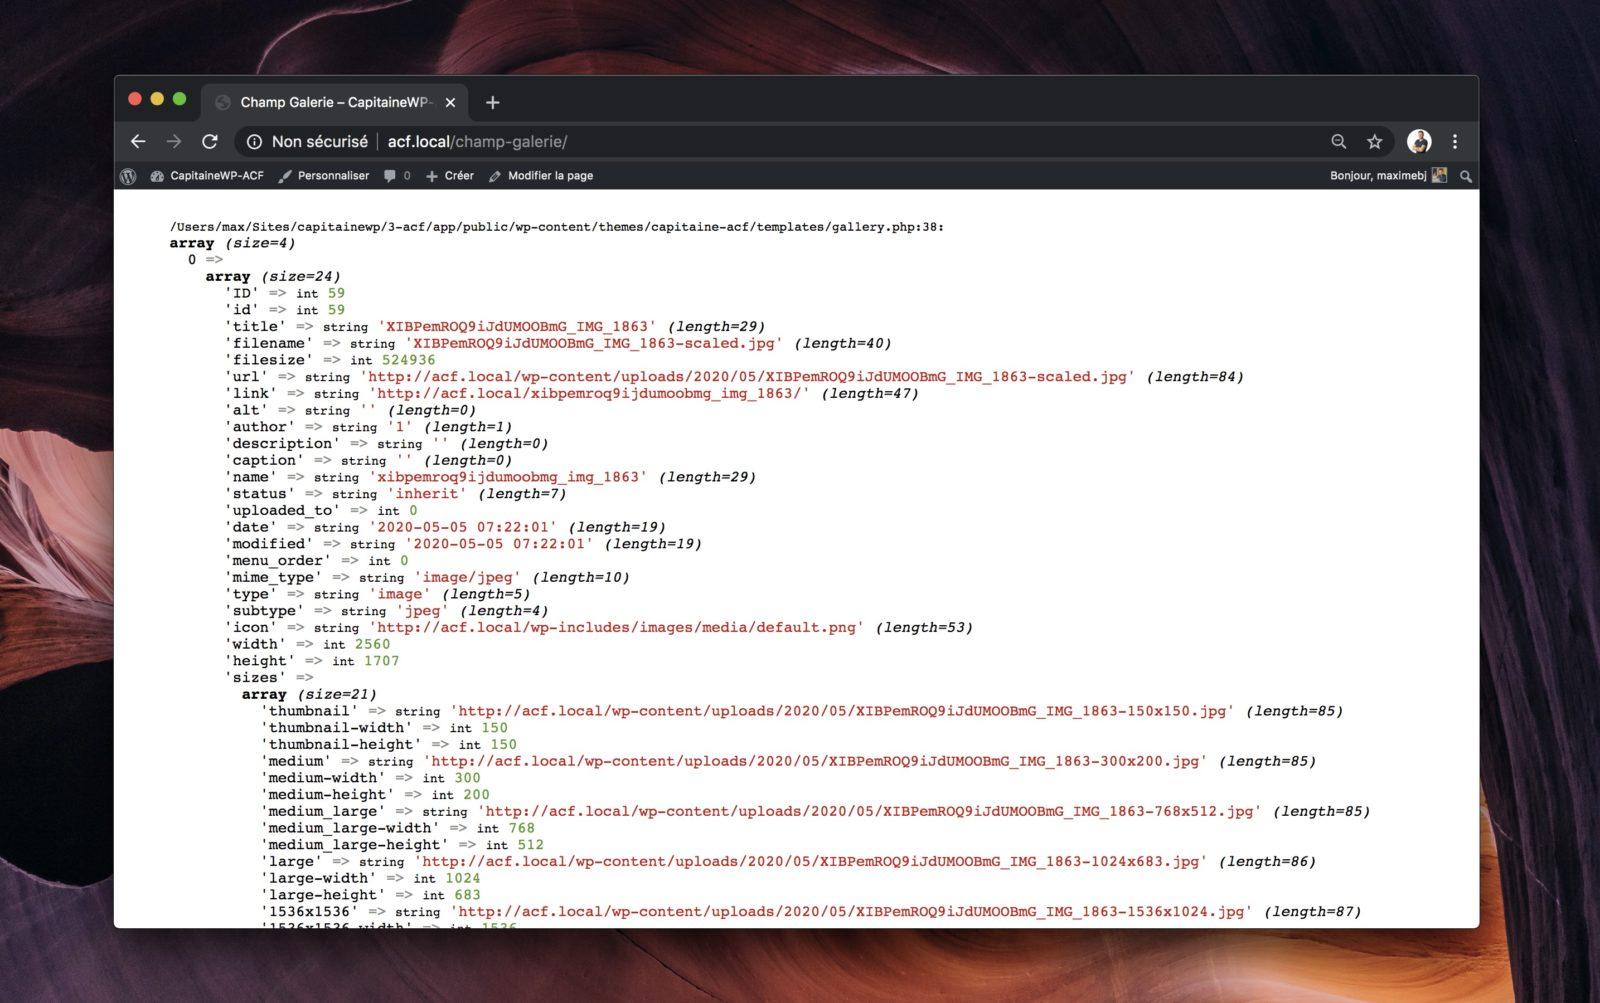 Capture d'écran des données renvoyées par la galerie ACF